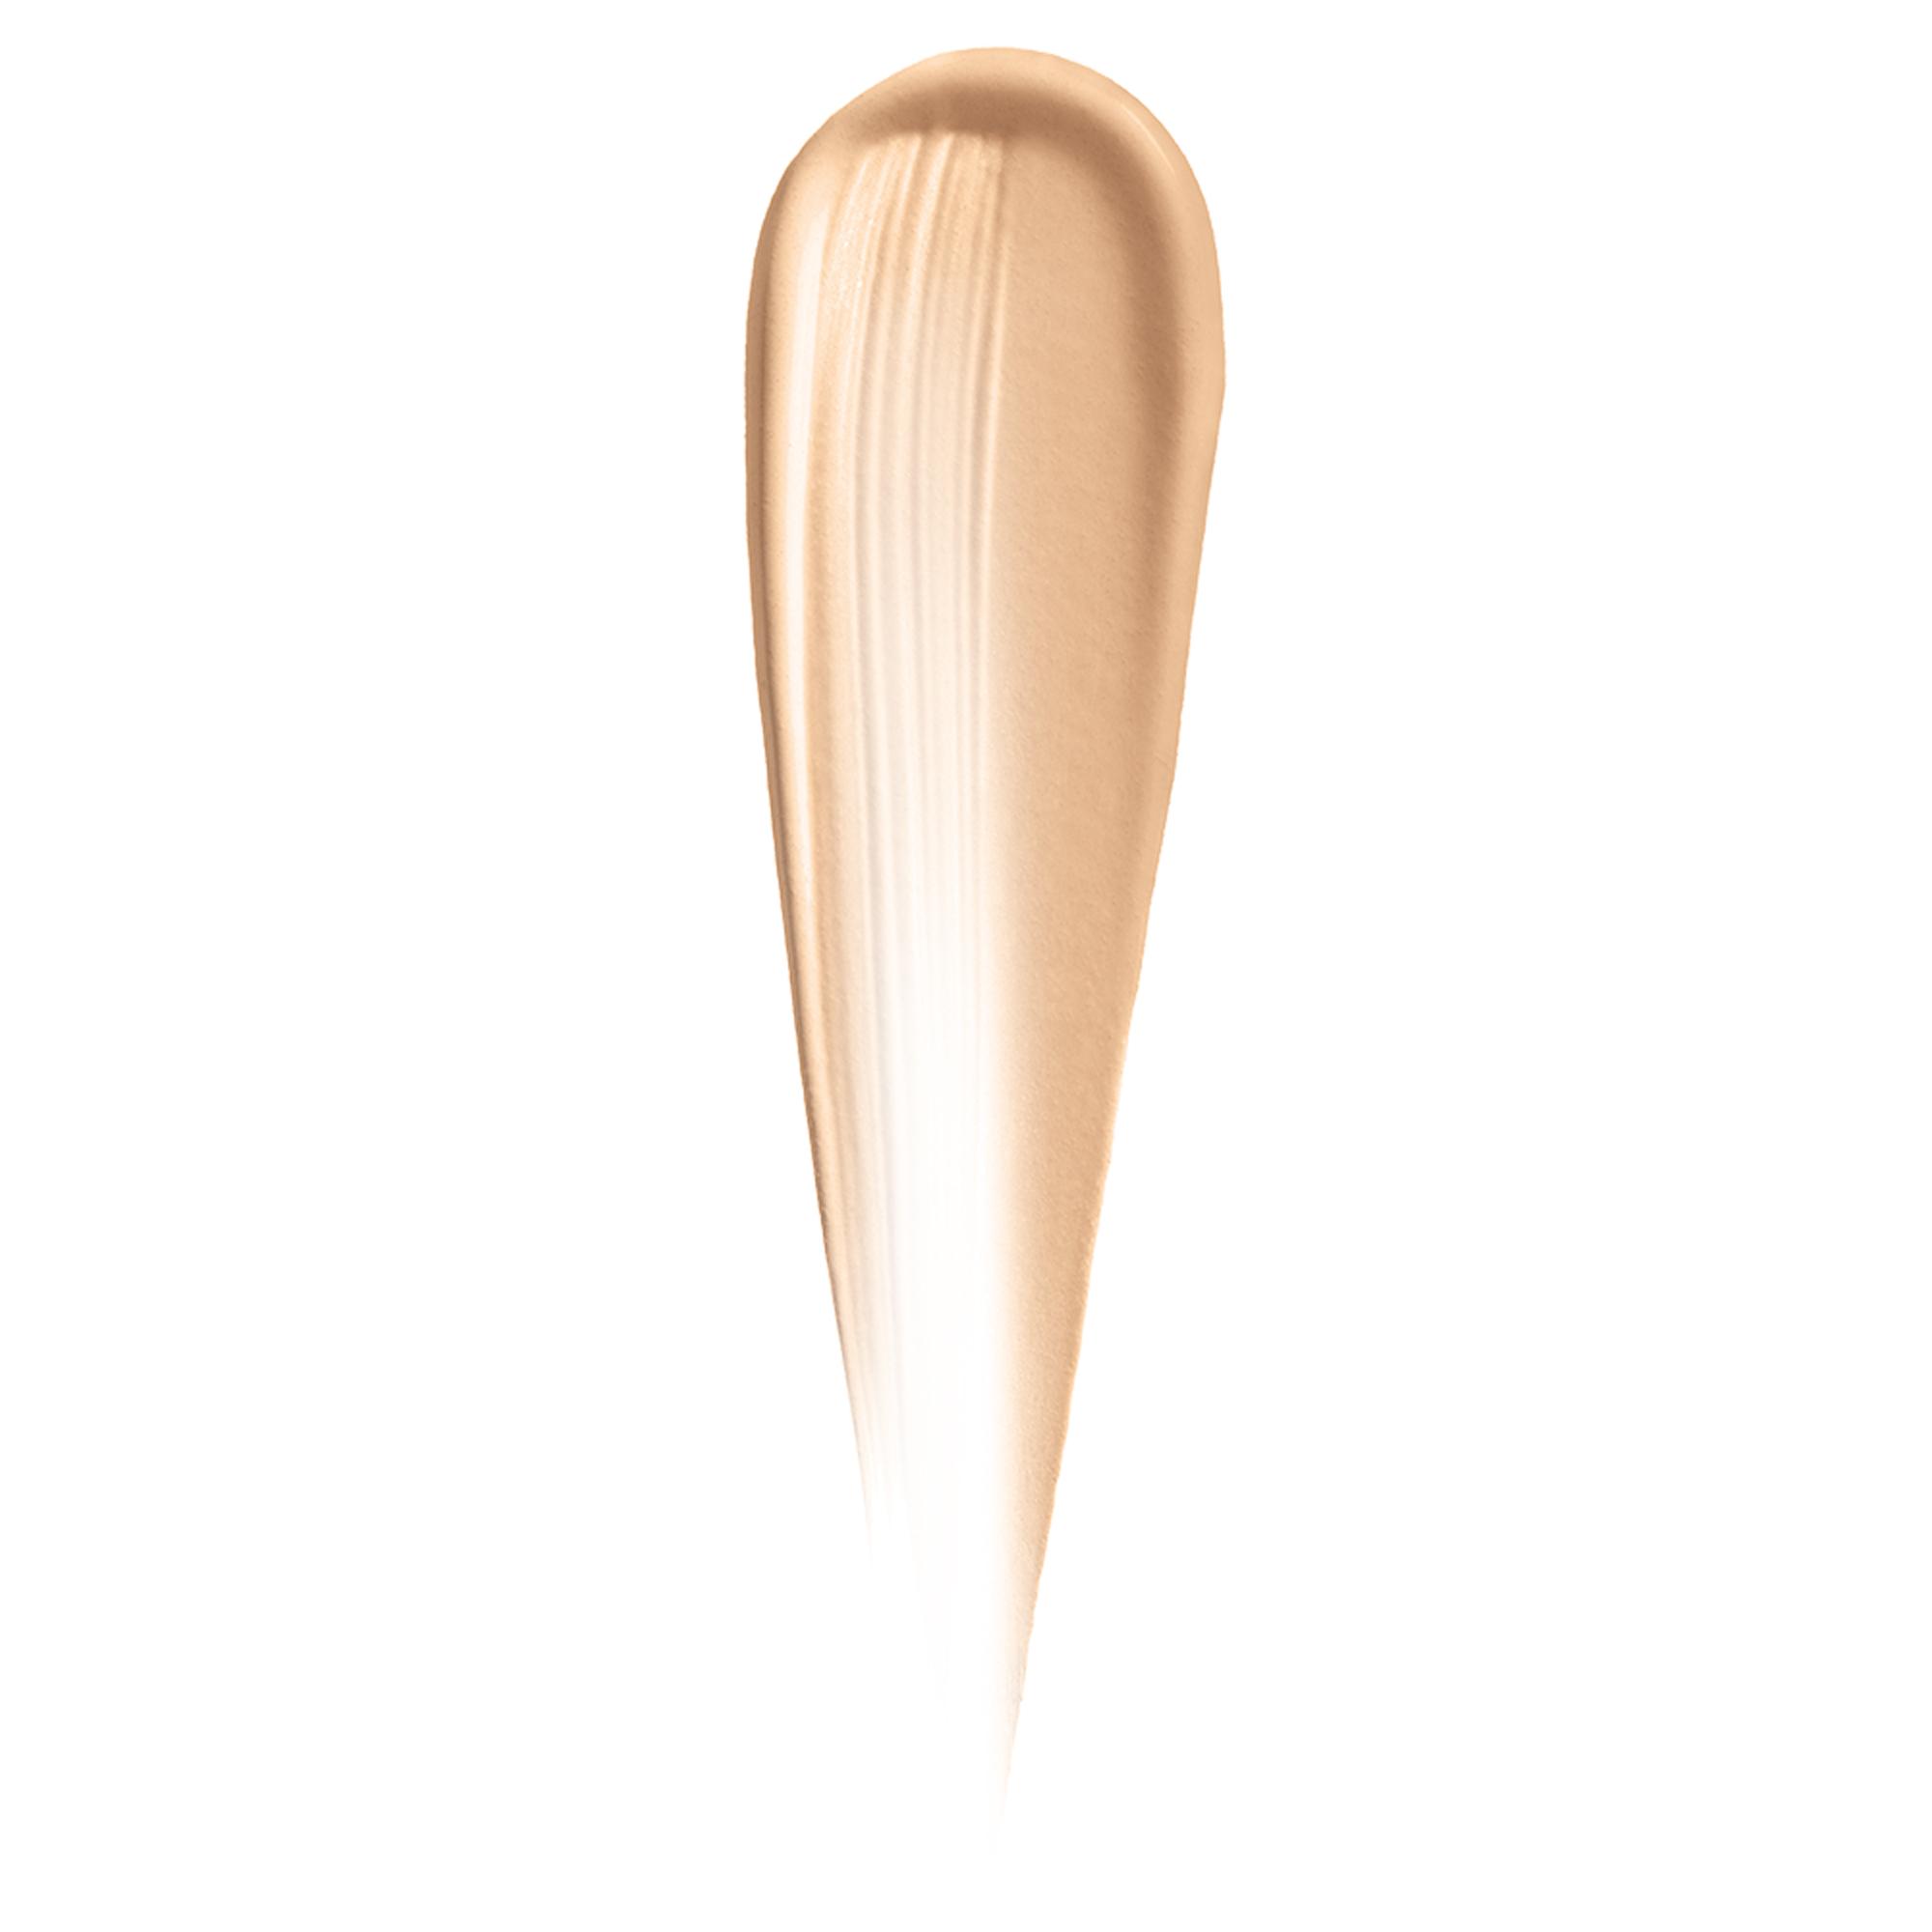 Wheat 4.5